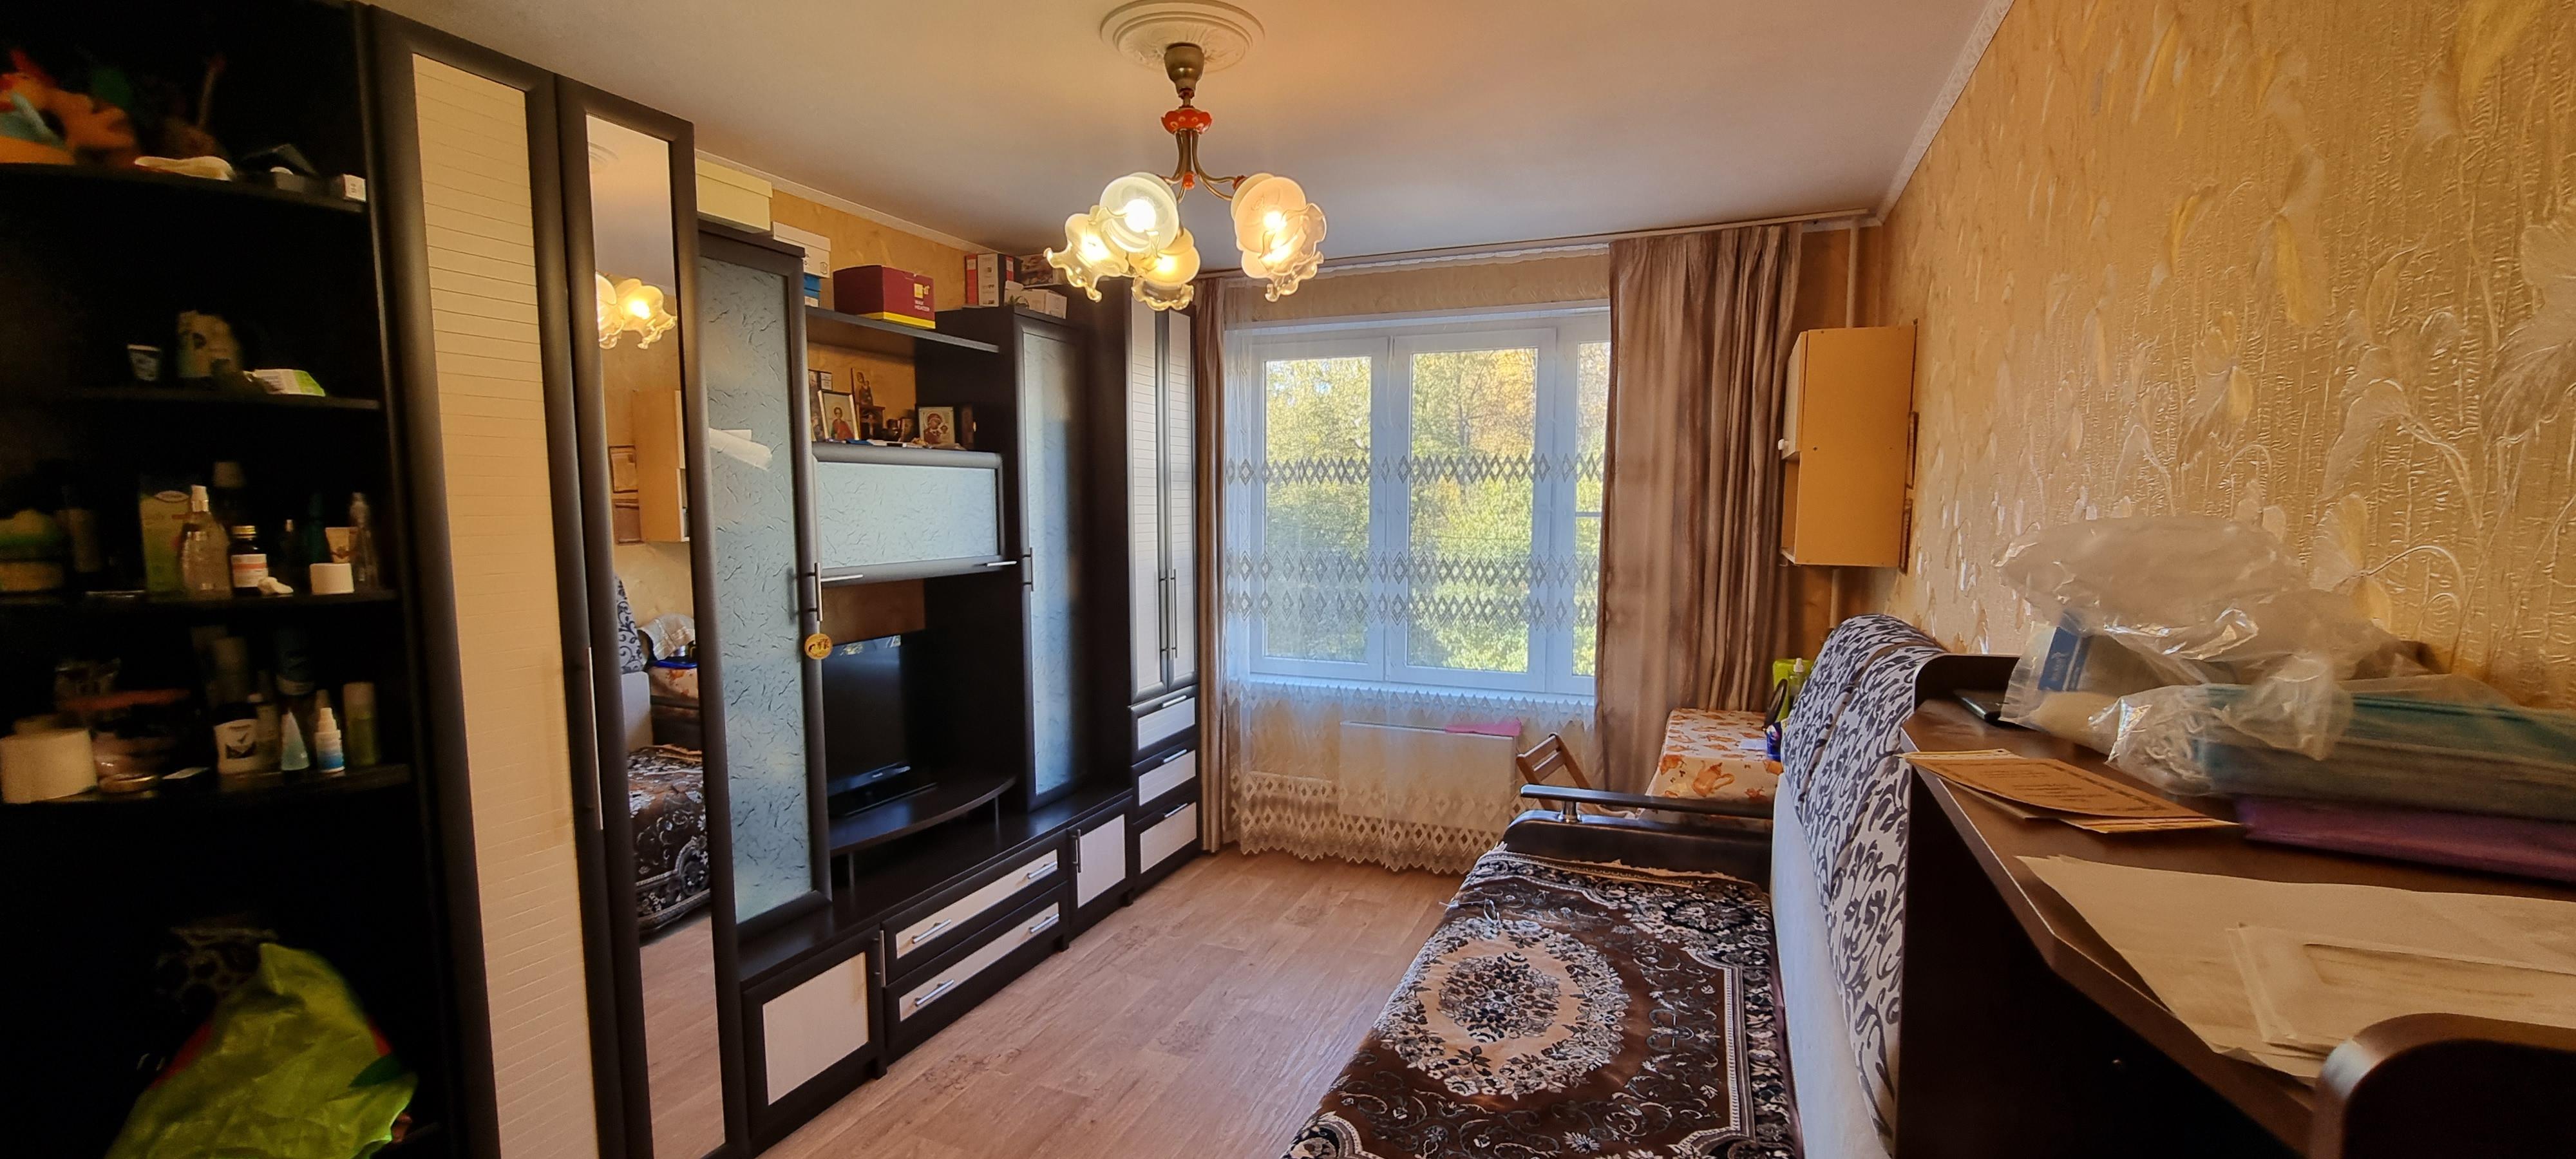 Объявление №66442688: Продаю комнату в 2 комнатной квартире. Зеленоград, Центральный пр-кт.,410,